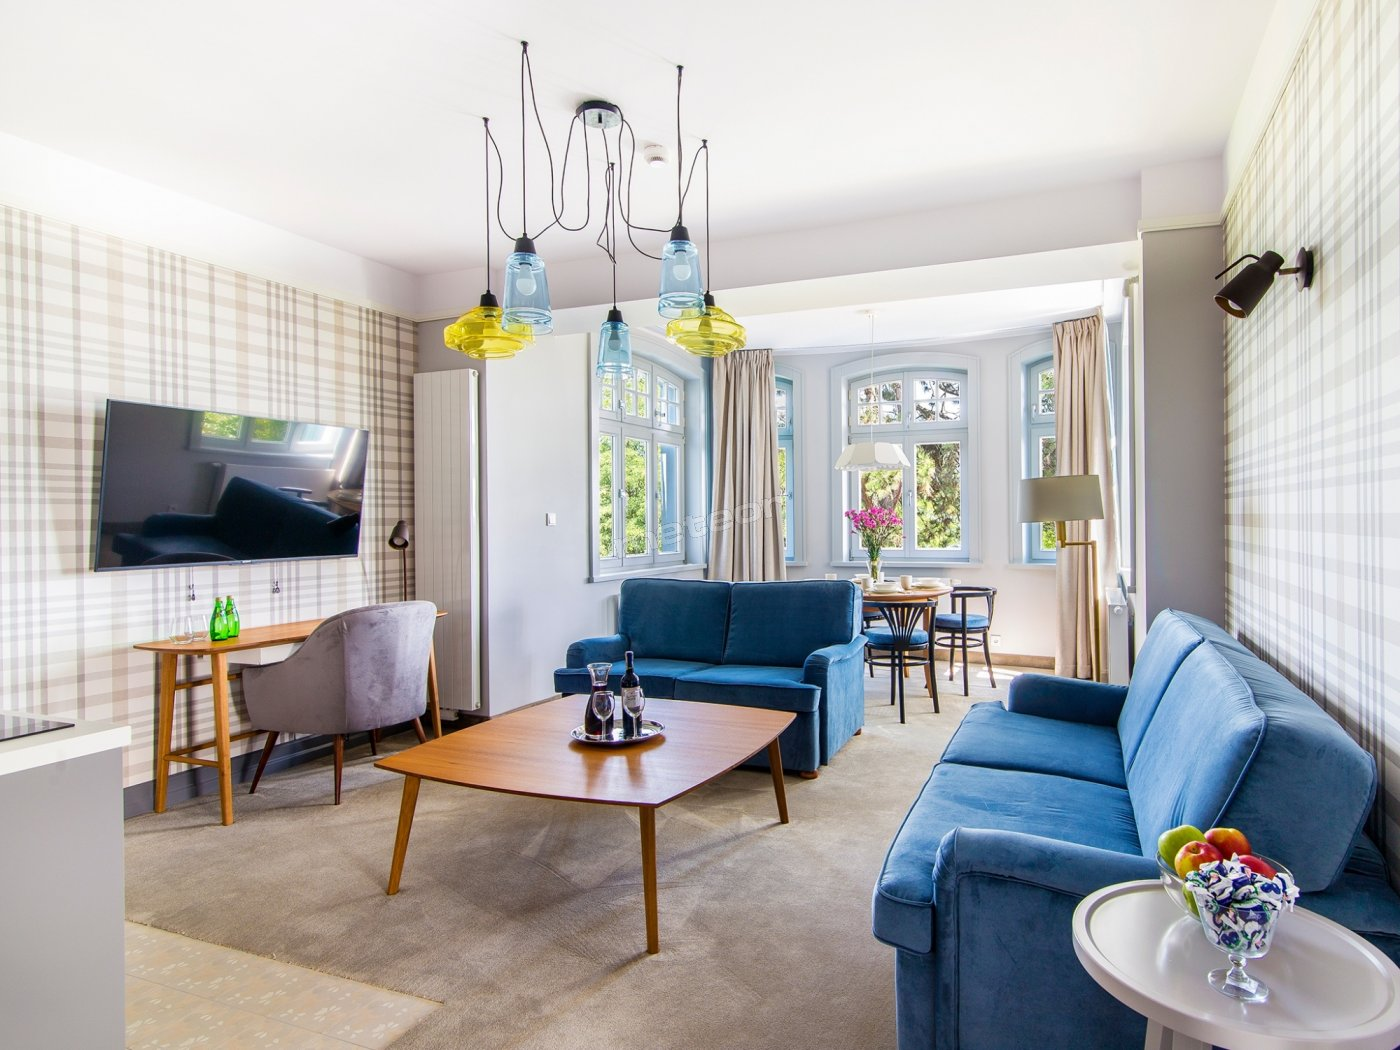 Pokój dzienny z rozkładaną sofą, aneksem kuchennym, jadalnią i częścią wypoczynkową.